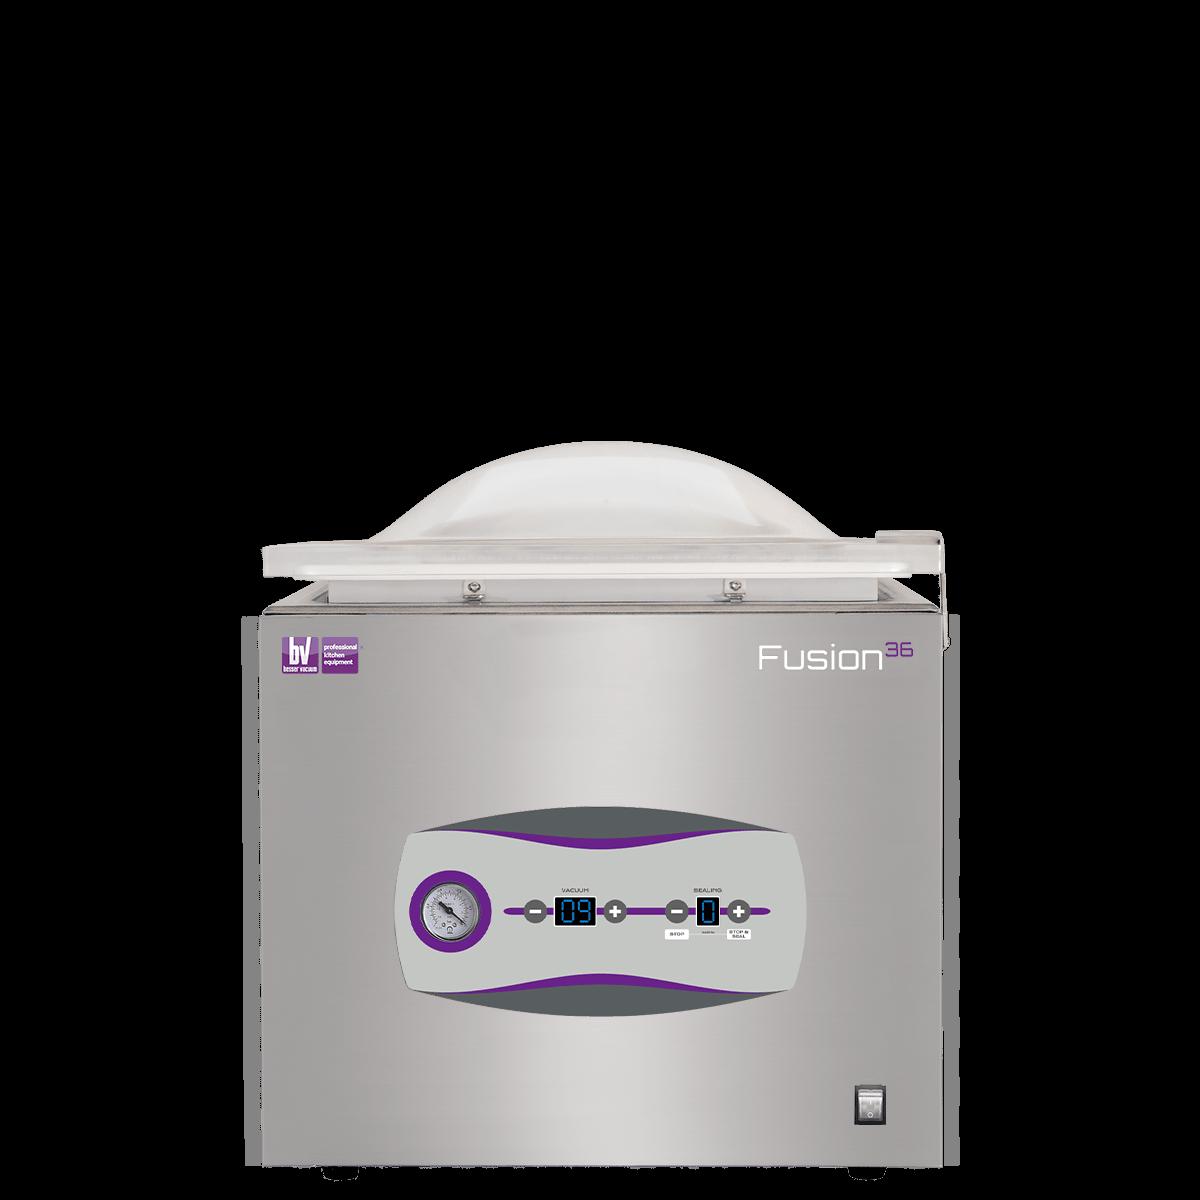 Fusion 36 chambered vacuum packing machine